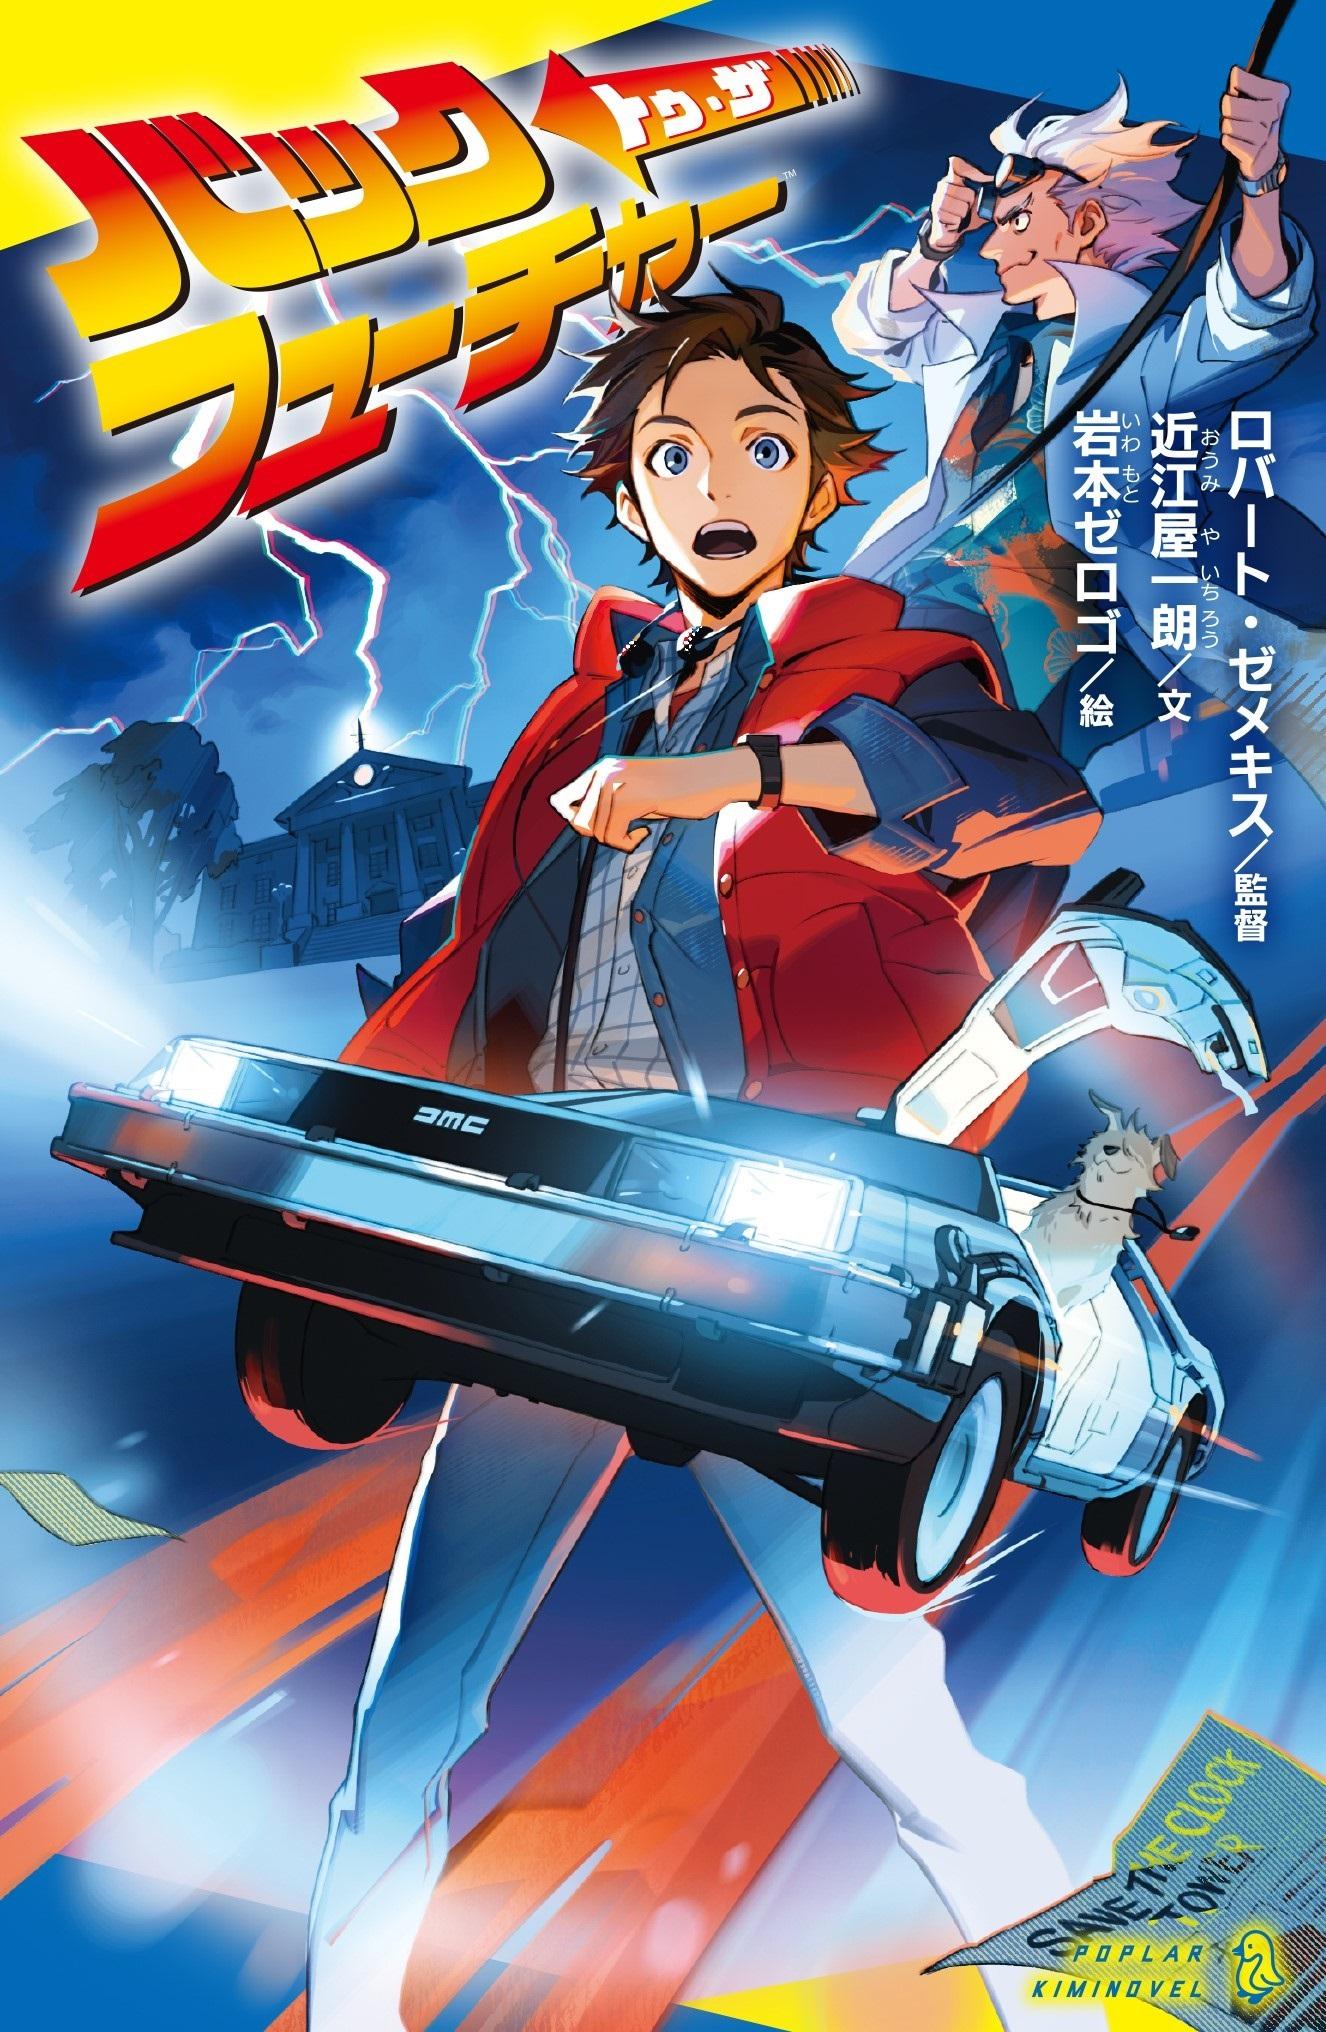 La portada de la adaptación de la novela ligera de Regreso al futuro, ilustrada por Zerogo Iwamoto, con Marty McFly, Doc Brown y el automóvil DeLorean que viaja en el tiempo.